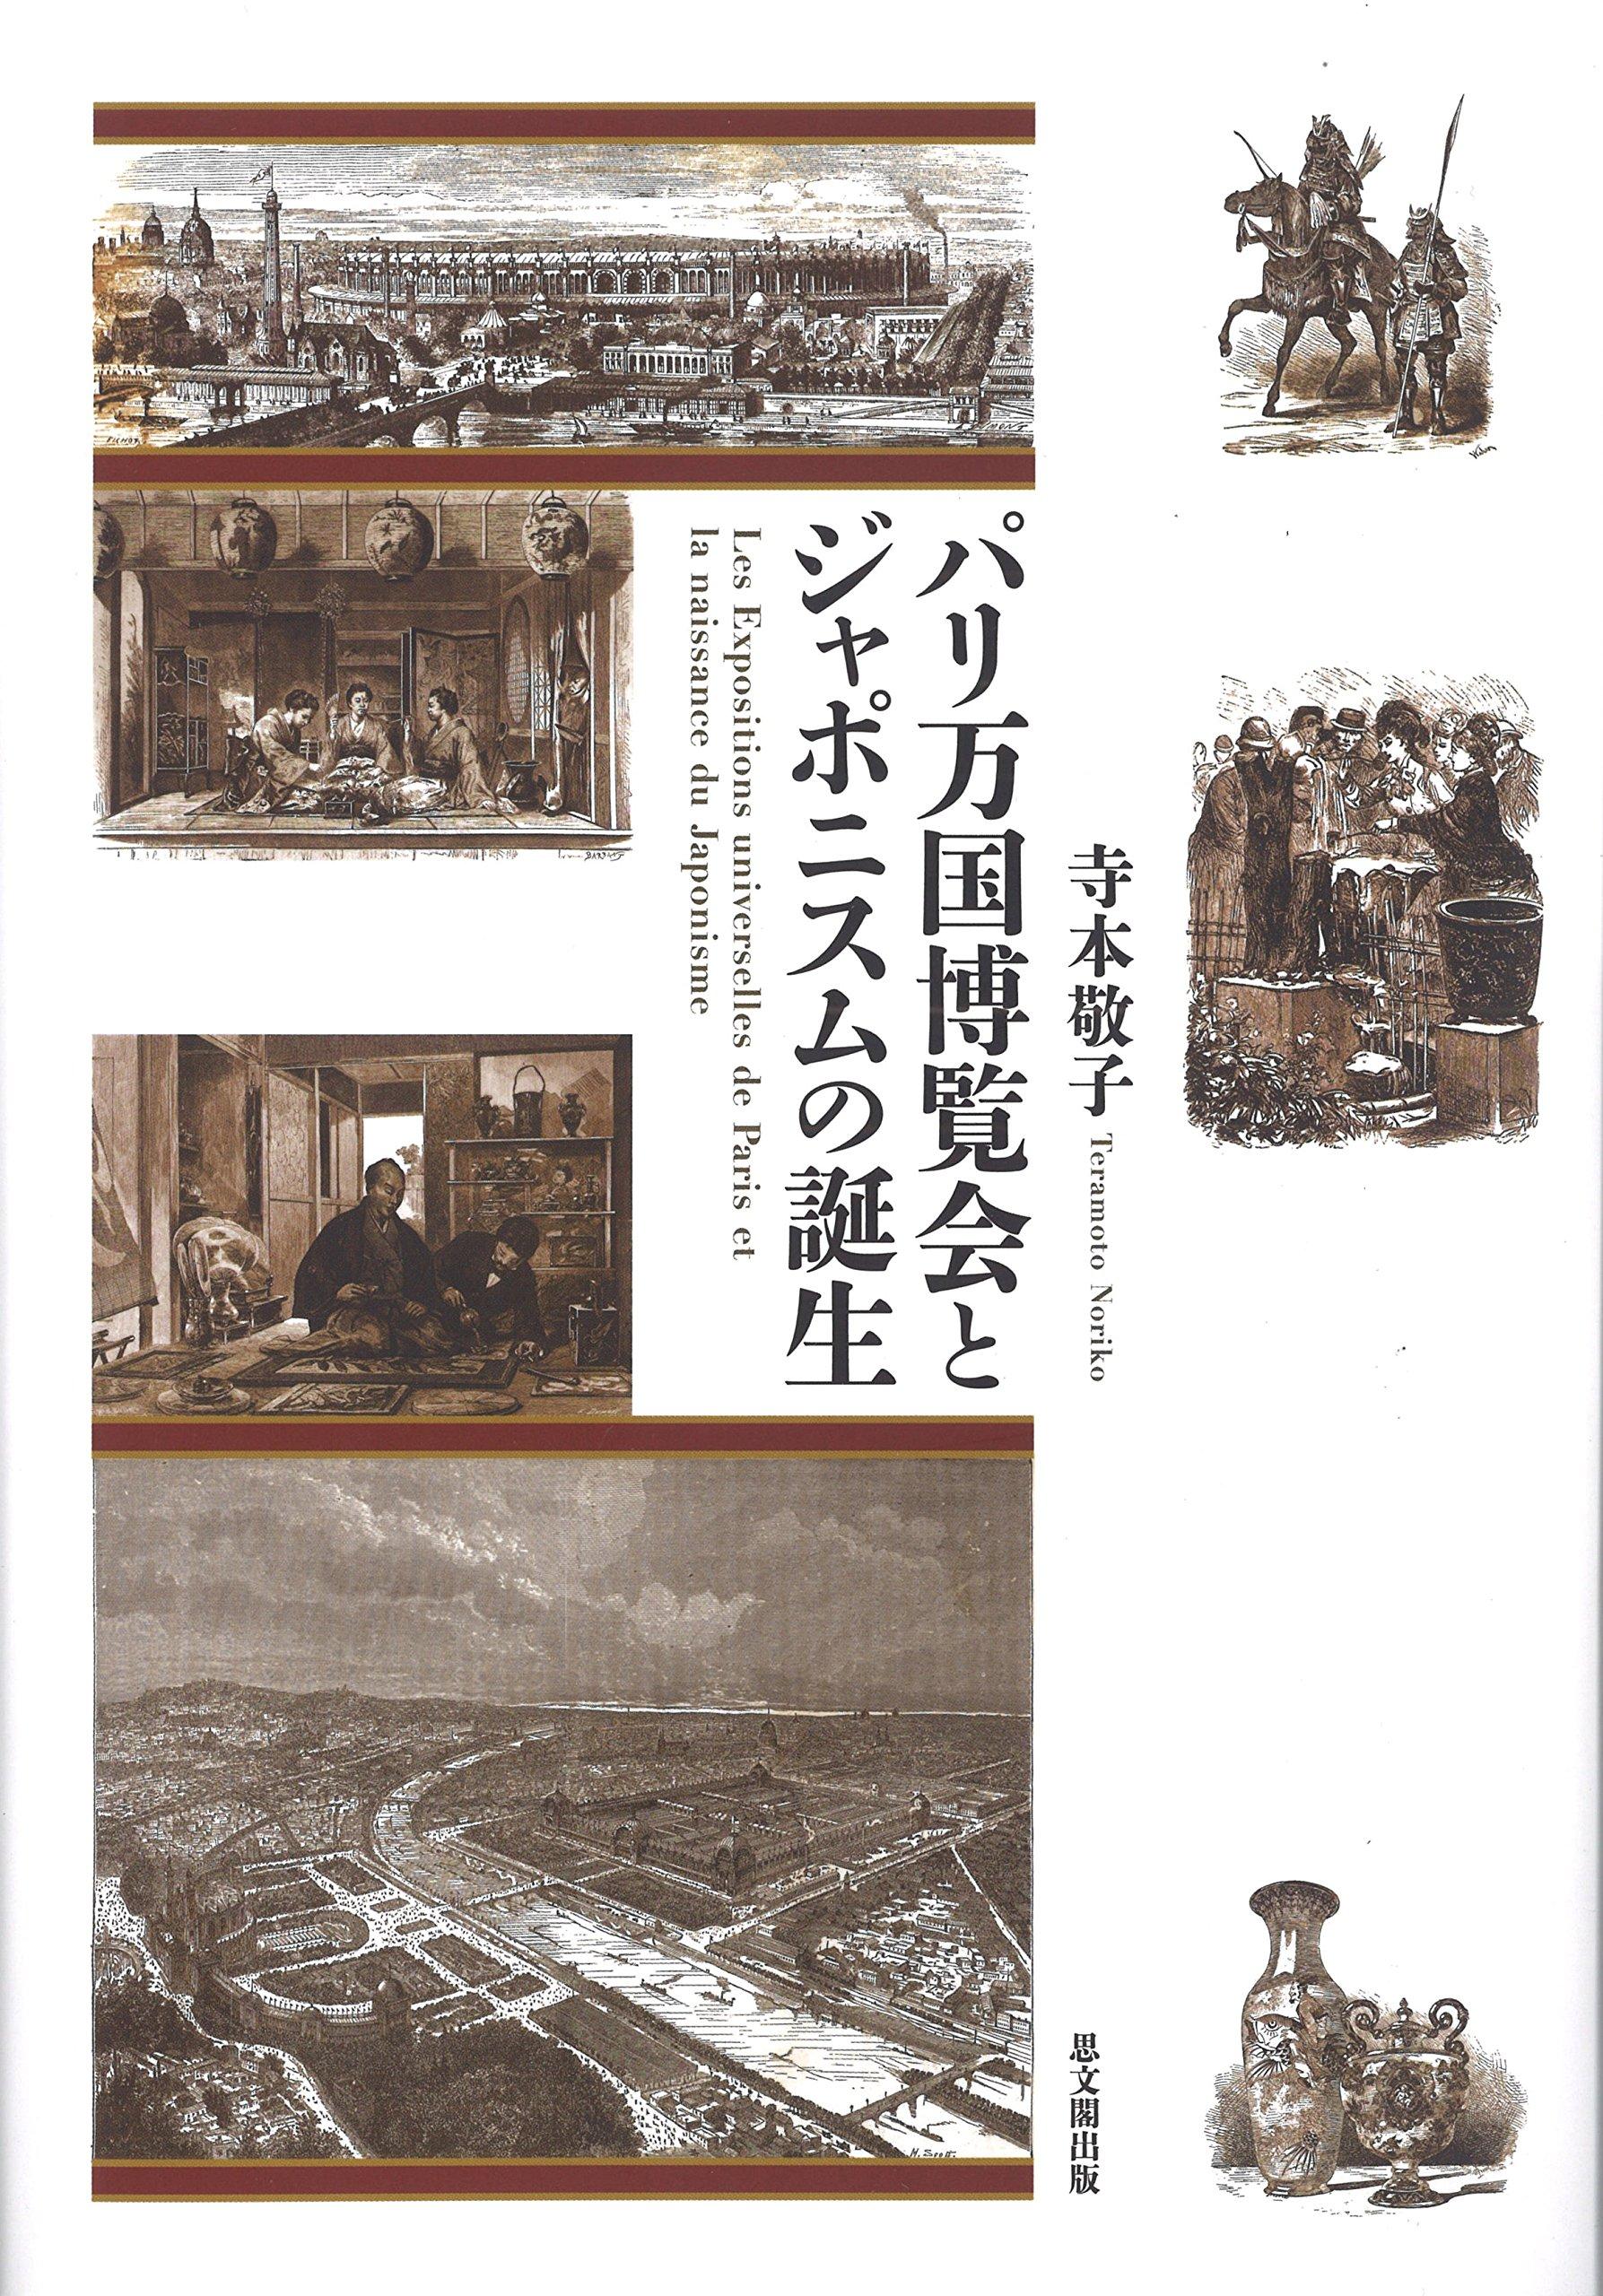 パリ万国博覧会とジャポニスムの誕生 | 寺本 敬子 |本 | 通販 | Amazon